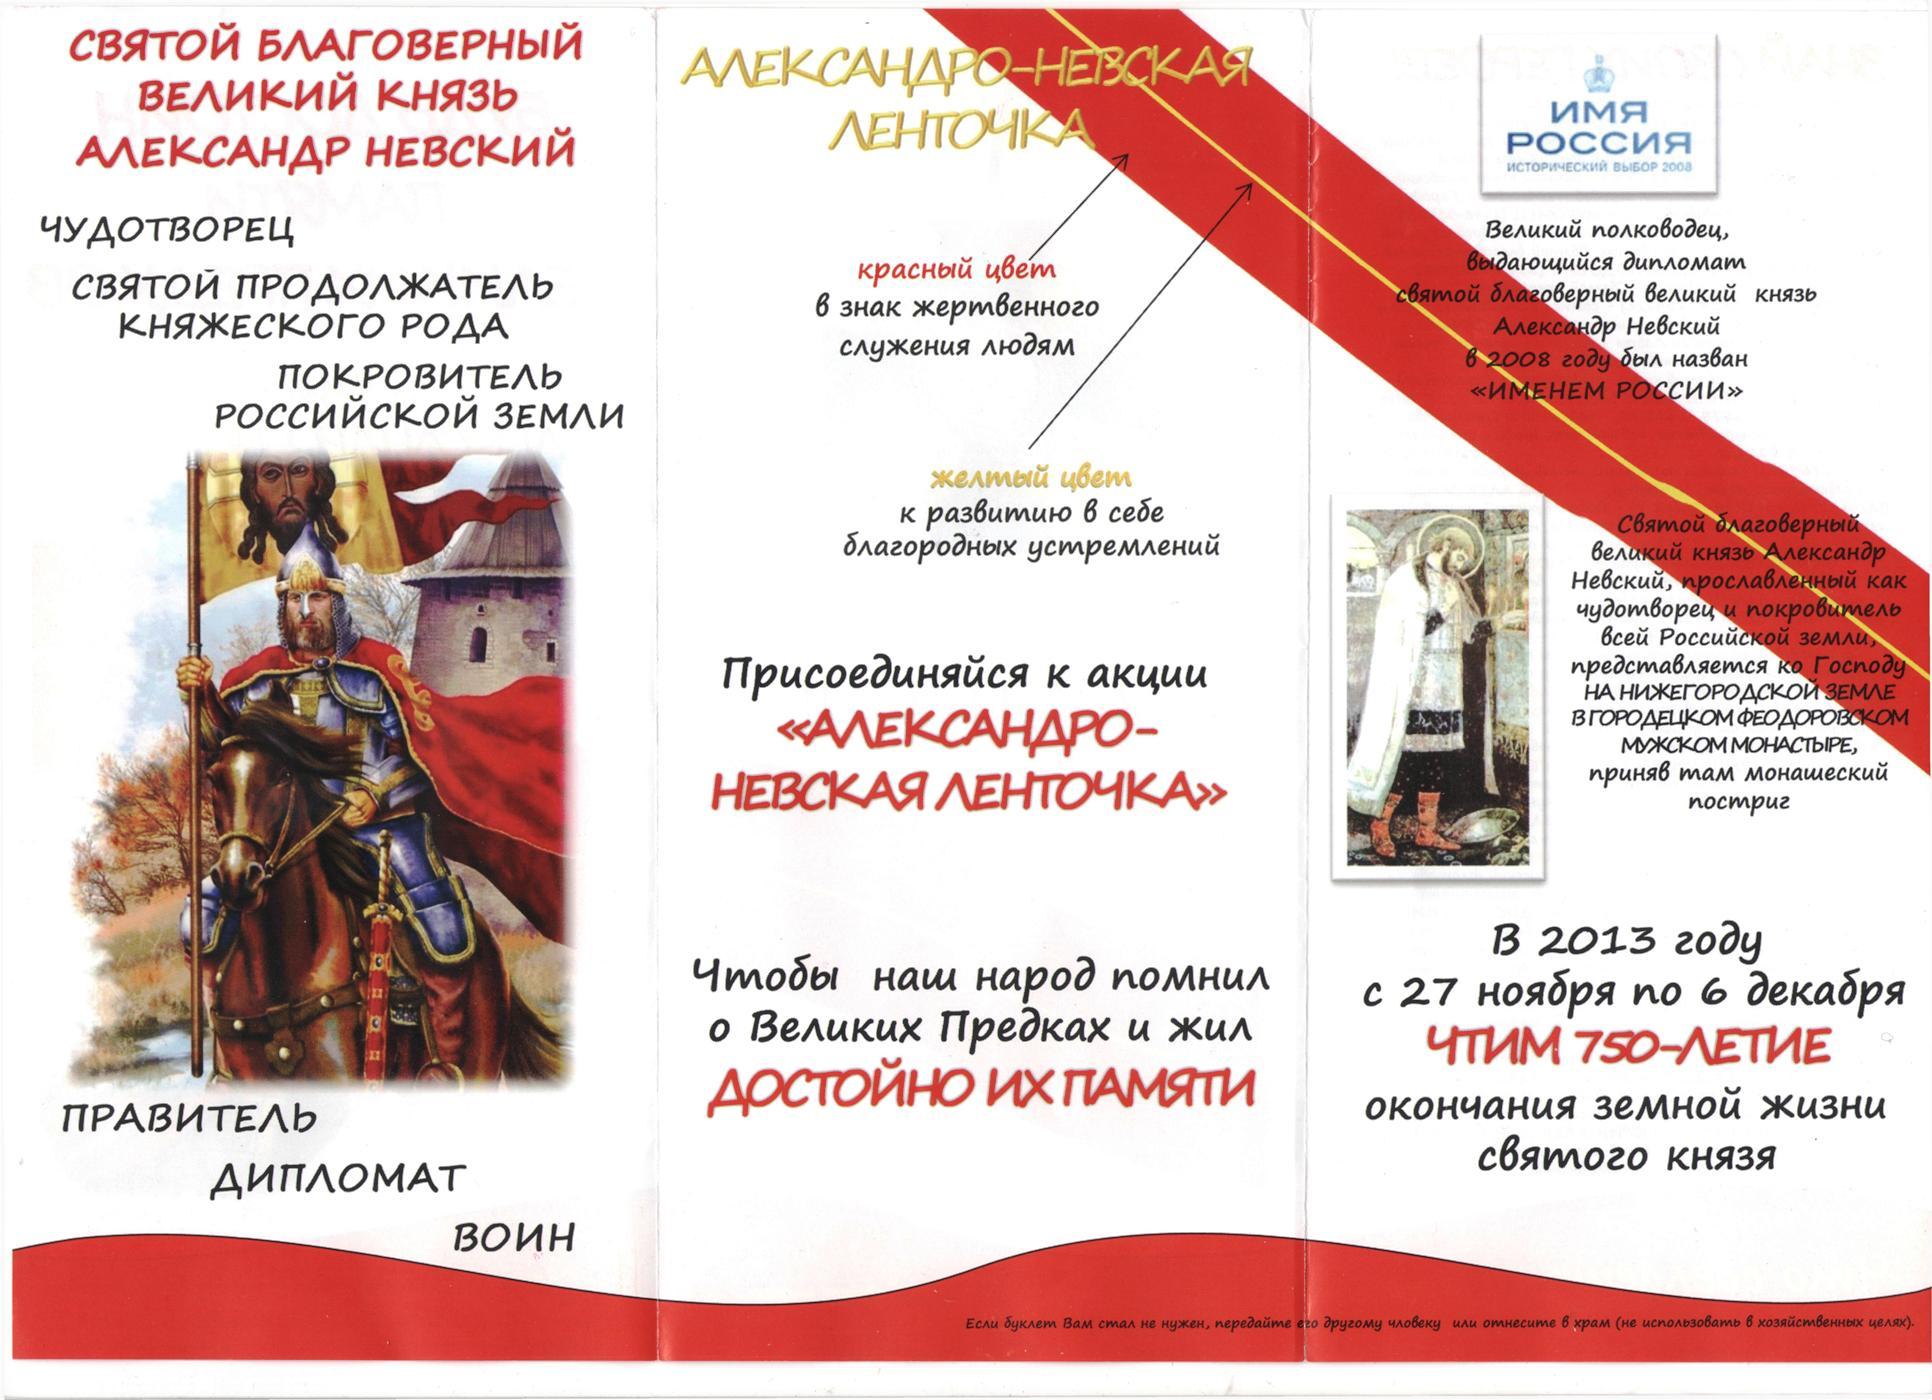 Поздравления к дню александра невского